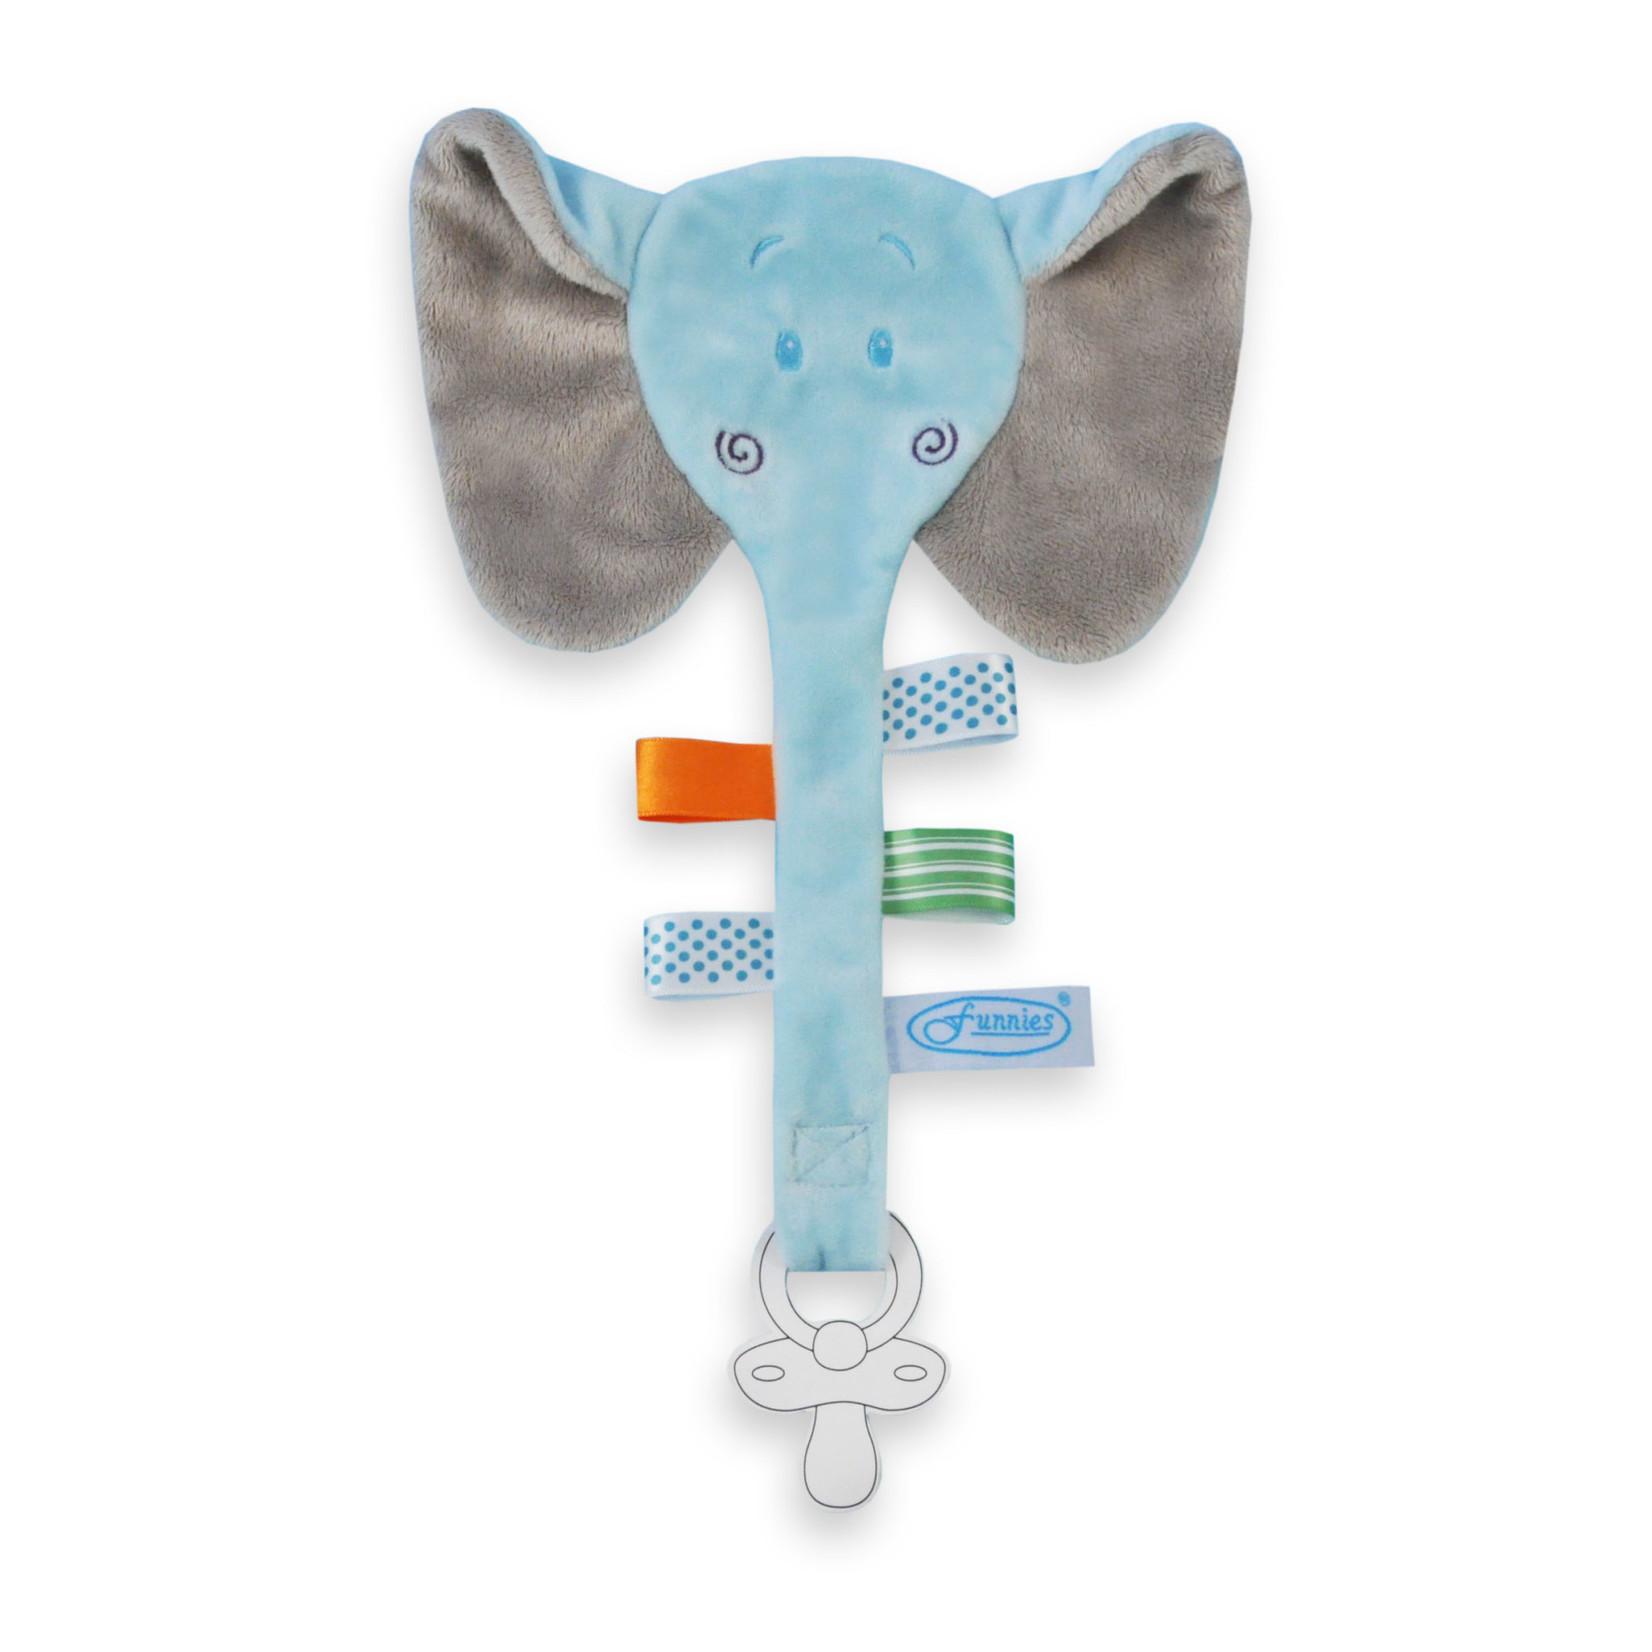 Funnies tutlint olifant blauw met naam